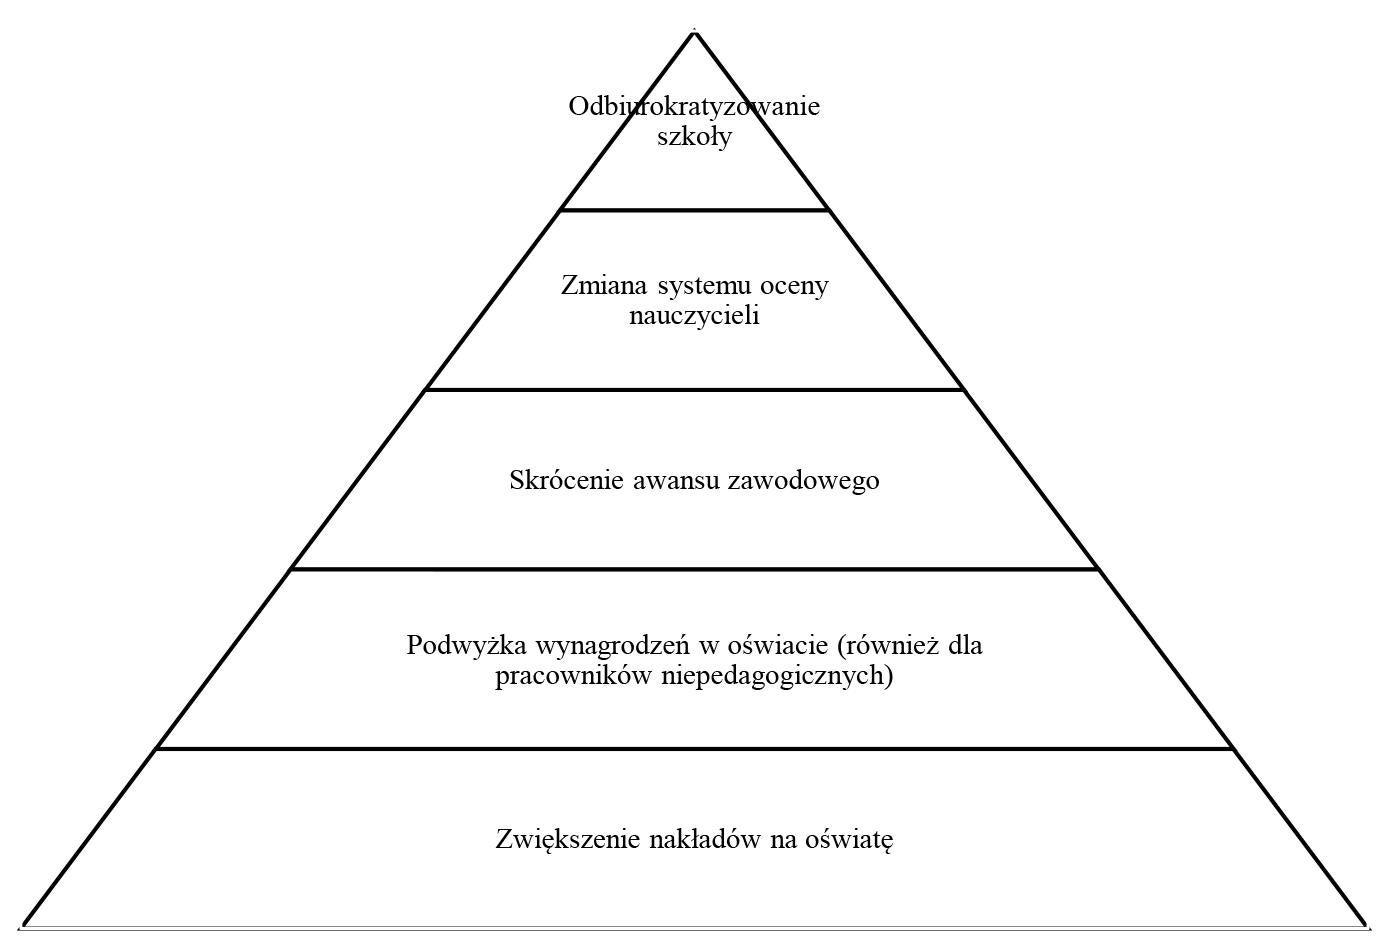 Page 96 of Dariusz Żółtowski, Kilka uwag o kondycji nauczyciela